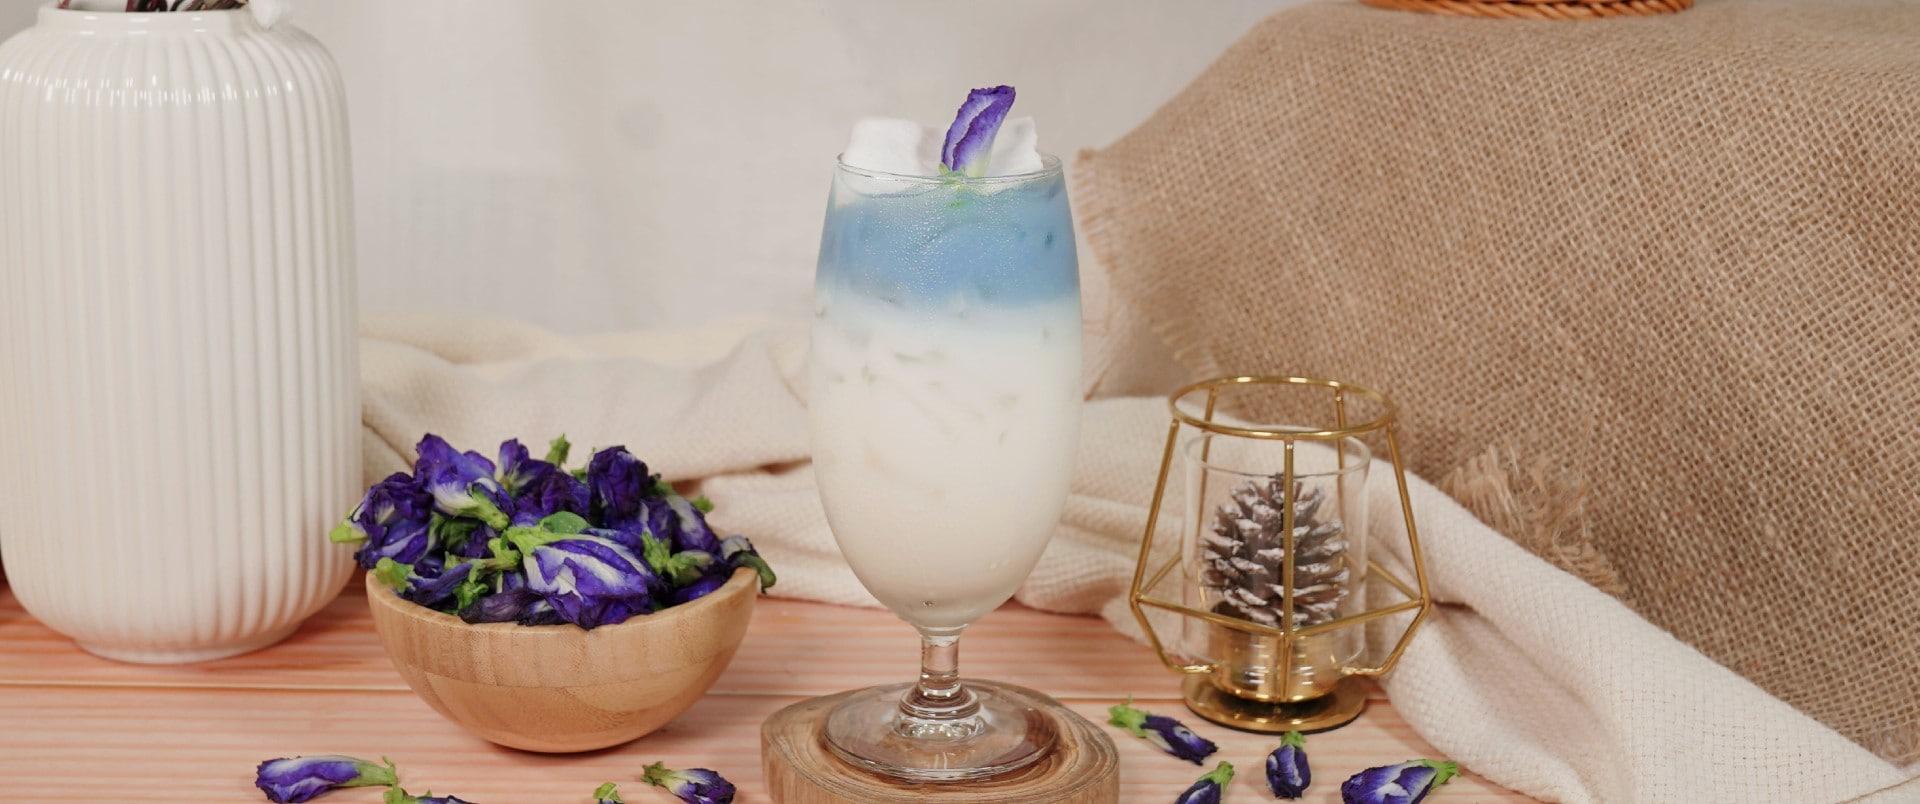 """แจกสูตร """"อัญชันมะพร้าวนมสด"""" เมนูประจำเดือนสิงหาคม เดือนแห่งวันแม่ ที่เพิ่มความพิเศษให้กับเครื่องดื่มด้วยสีฟ้าจากดอกอัญชันและความสดชื่นของน้ำมะพร้าว ที่ทำให้เครื่องดื่มดูน่ารับประทาน ซึ่งเมนูนี้ได้ ข้นจืด นกเหยี่ยว ฟอลคอน เอ็กซ์ตร้า เข้ามา ช่วยเพิ่มรสชาติความอร่อยของเครื่องดื่มนี้"""